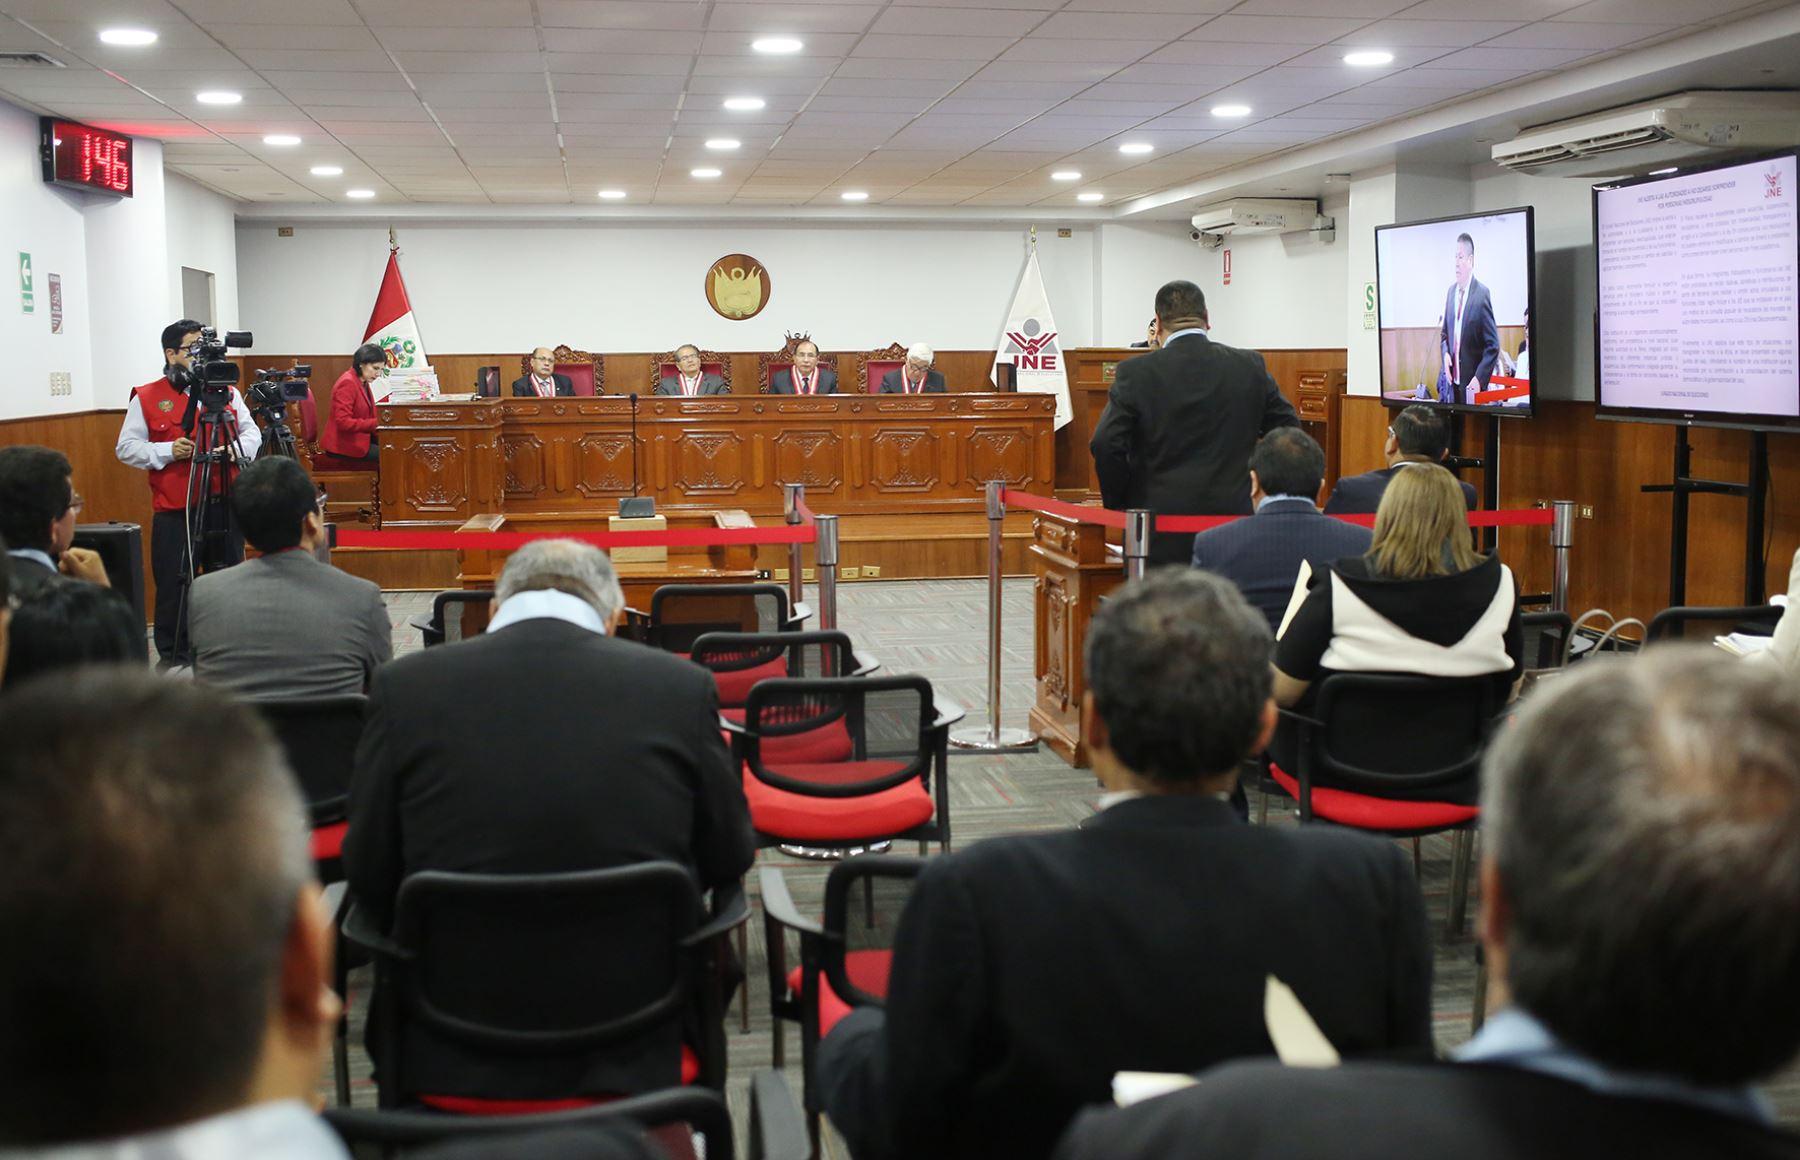 Audiencia pública del pleno del Jurado Nacional de Elecciones.